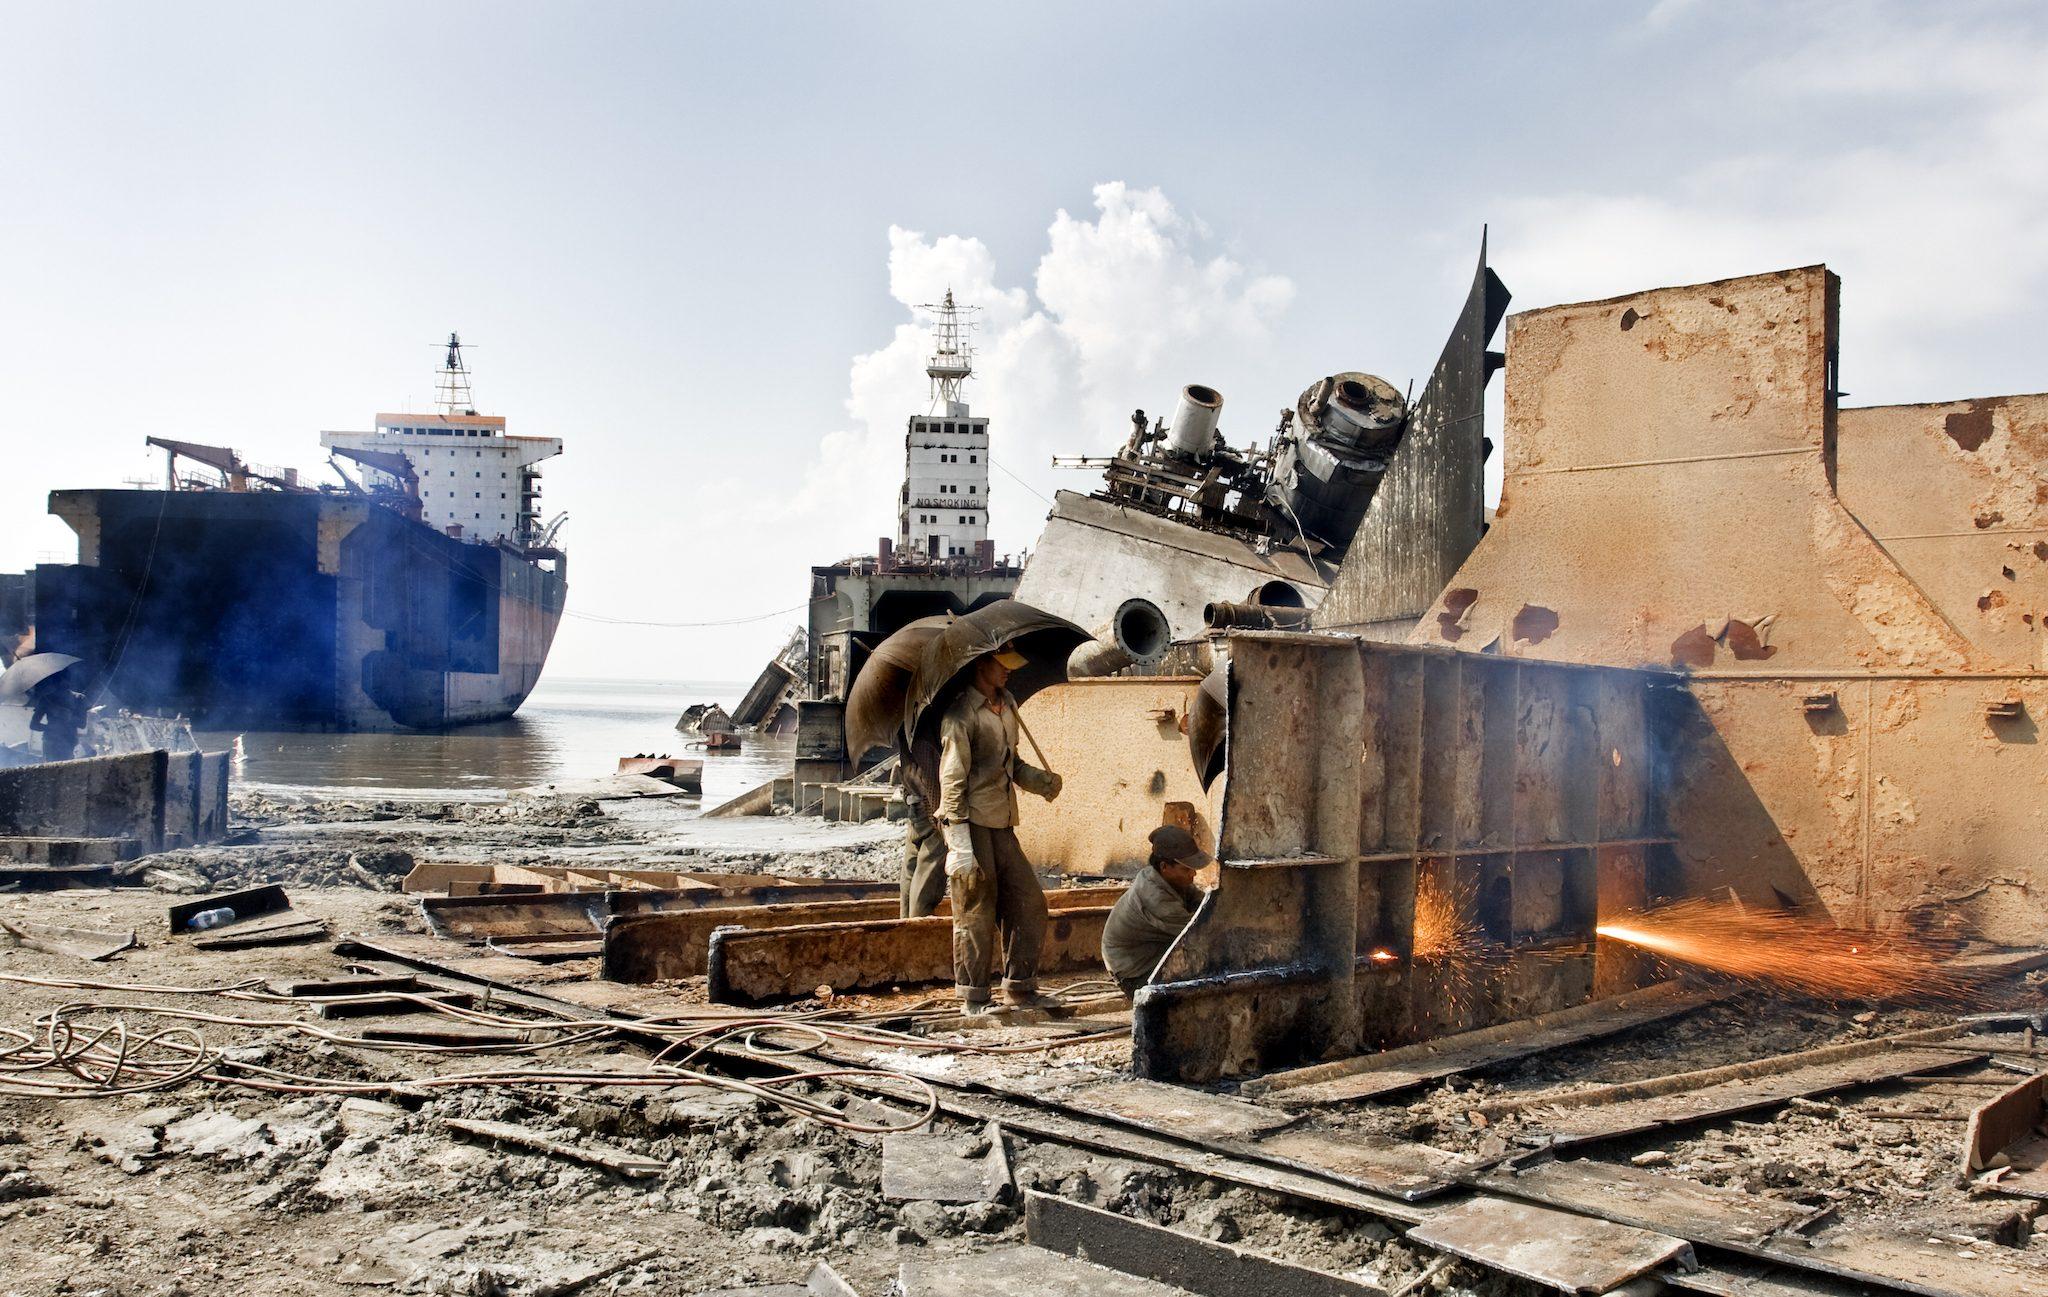 Ter illustratie: De situatie op sloopstranden is vaak erbarmelijk. (Foto Nieuwsblad Transport)